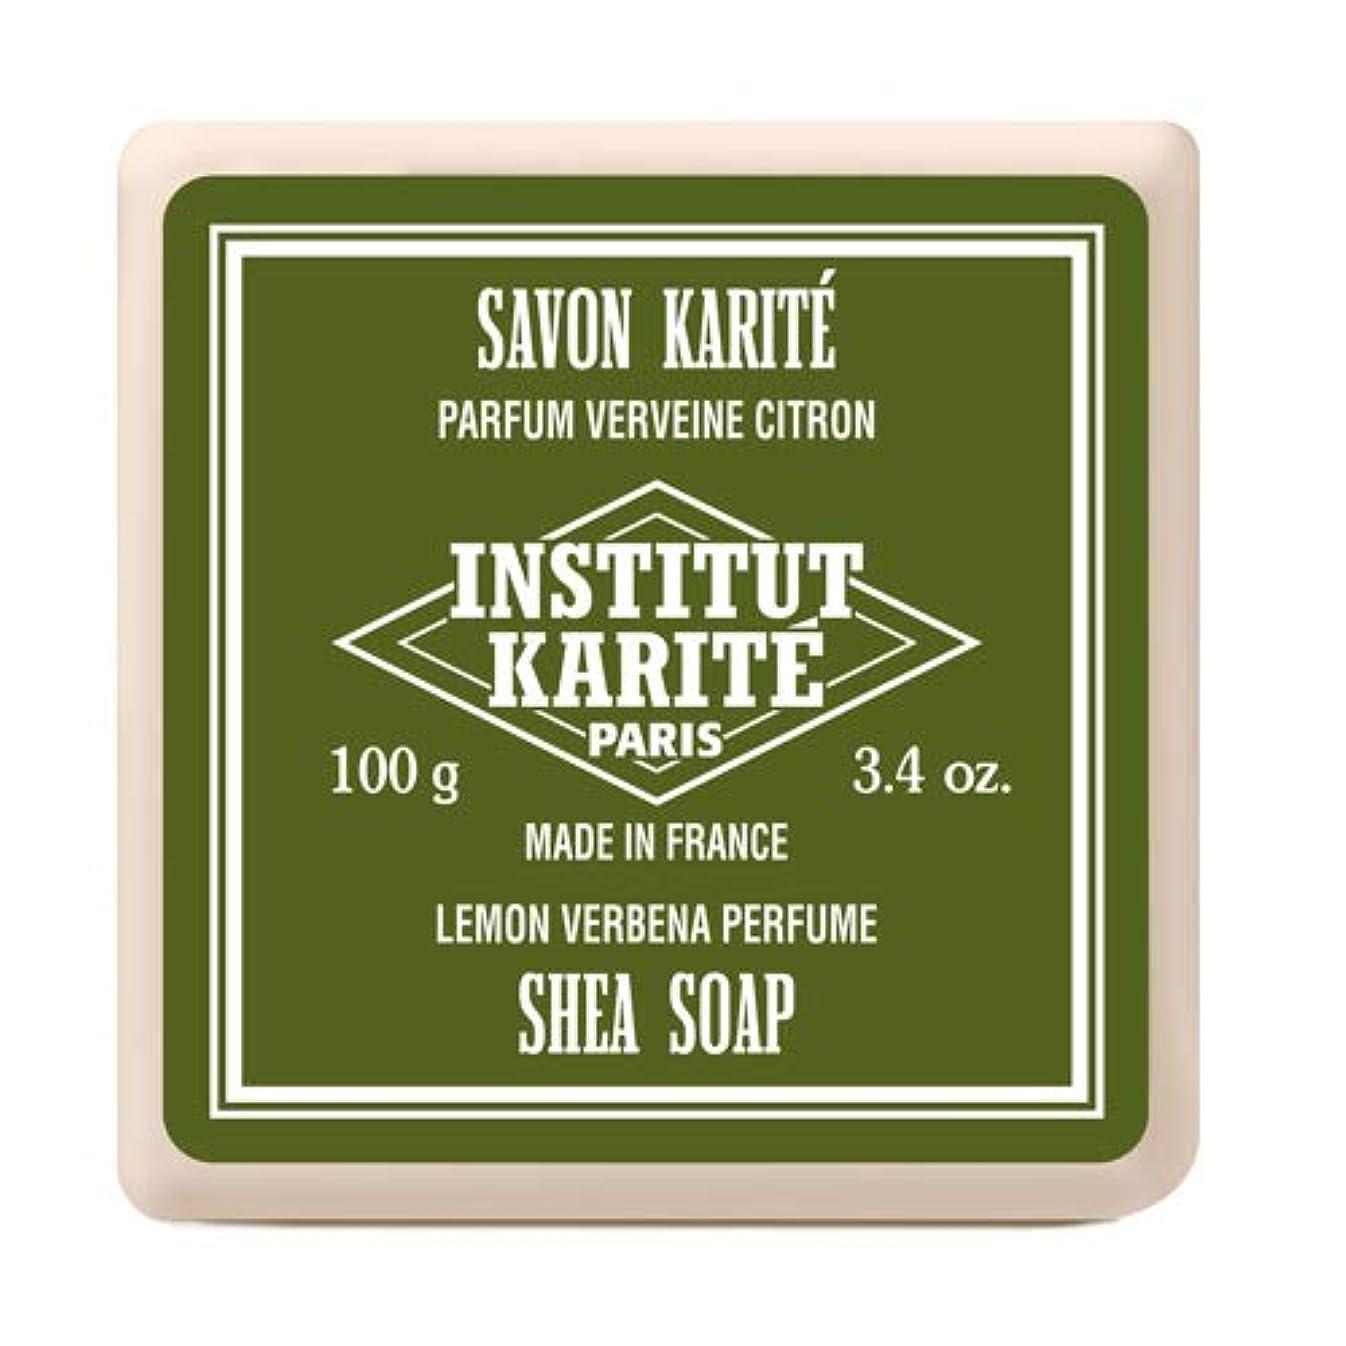 ウェブ干渉将来のインスティテュート?カリテ(INSTITUT KARITE) INSTITUT KARITE インスティテュート カリテ Shea Wrapped Soap シアソープ 100g Lemon Vervena レモンバーベナ